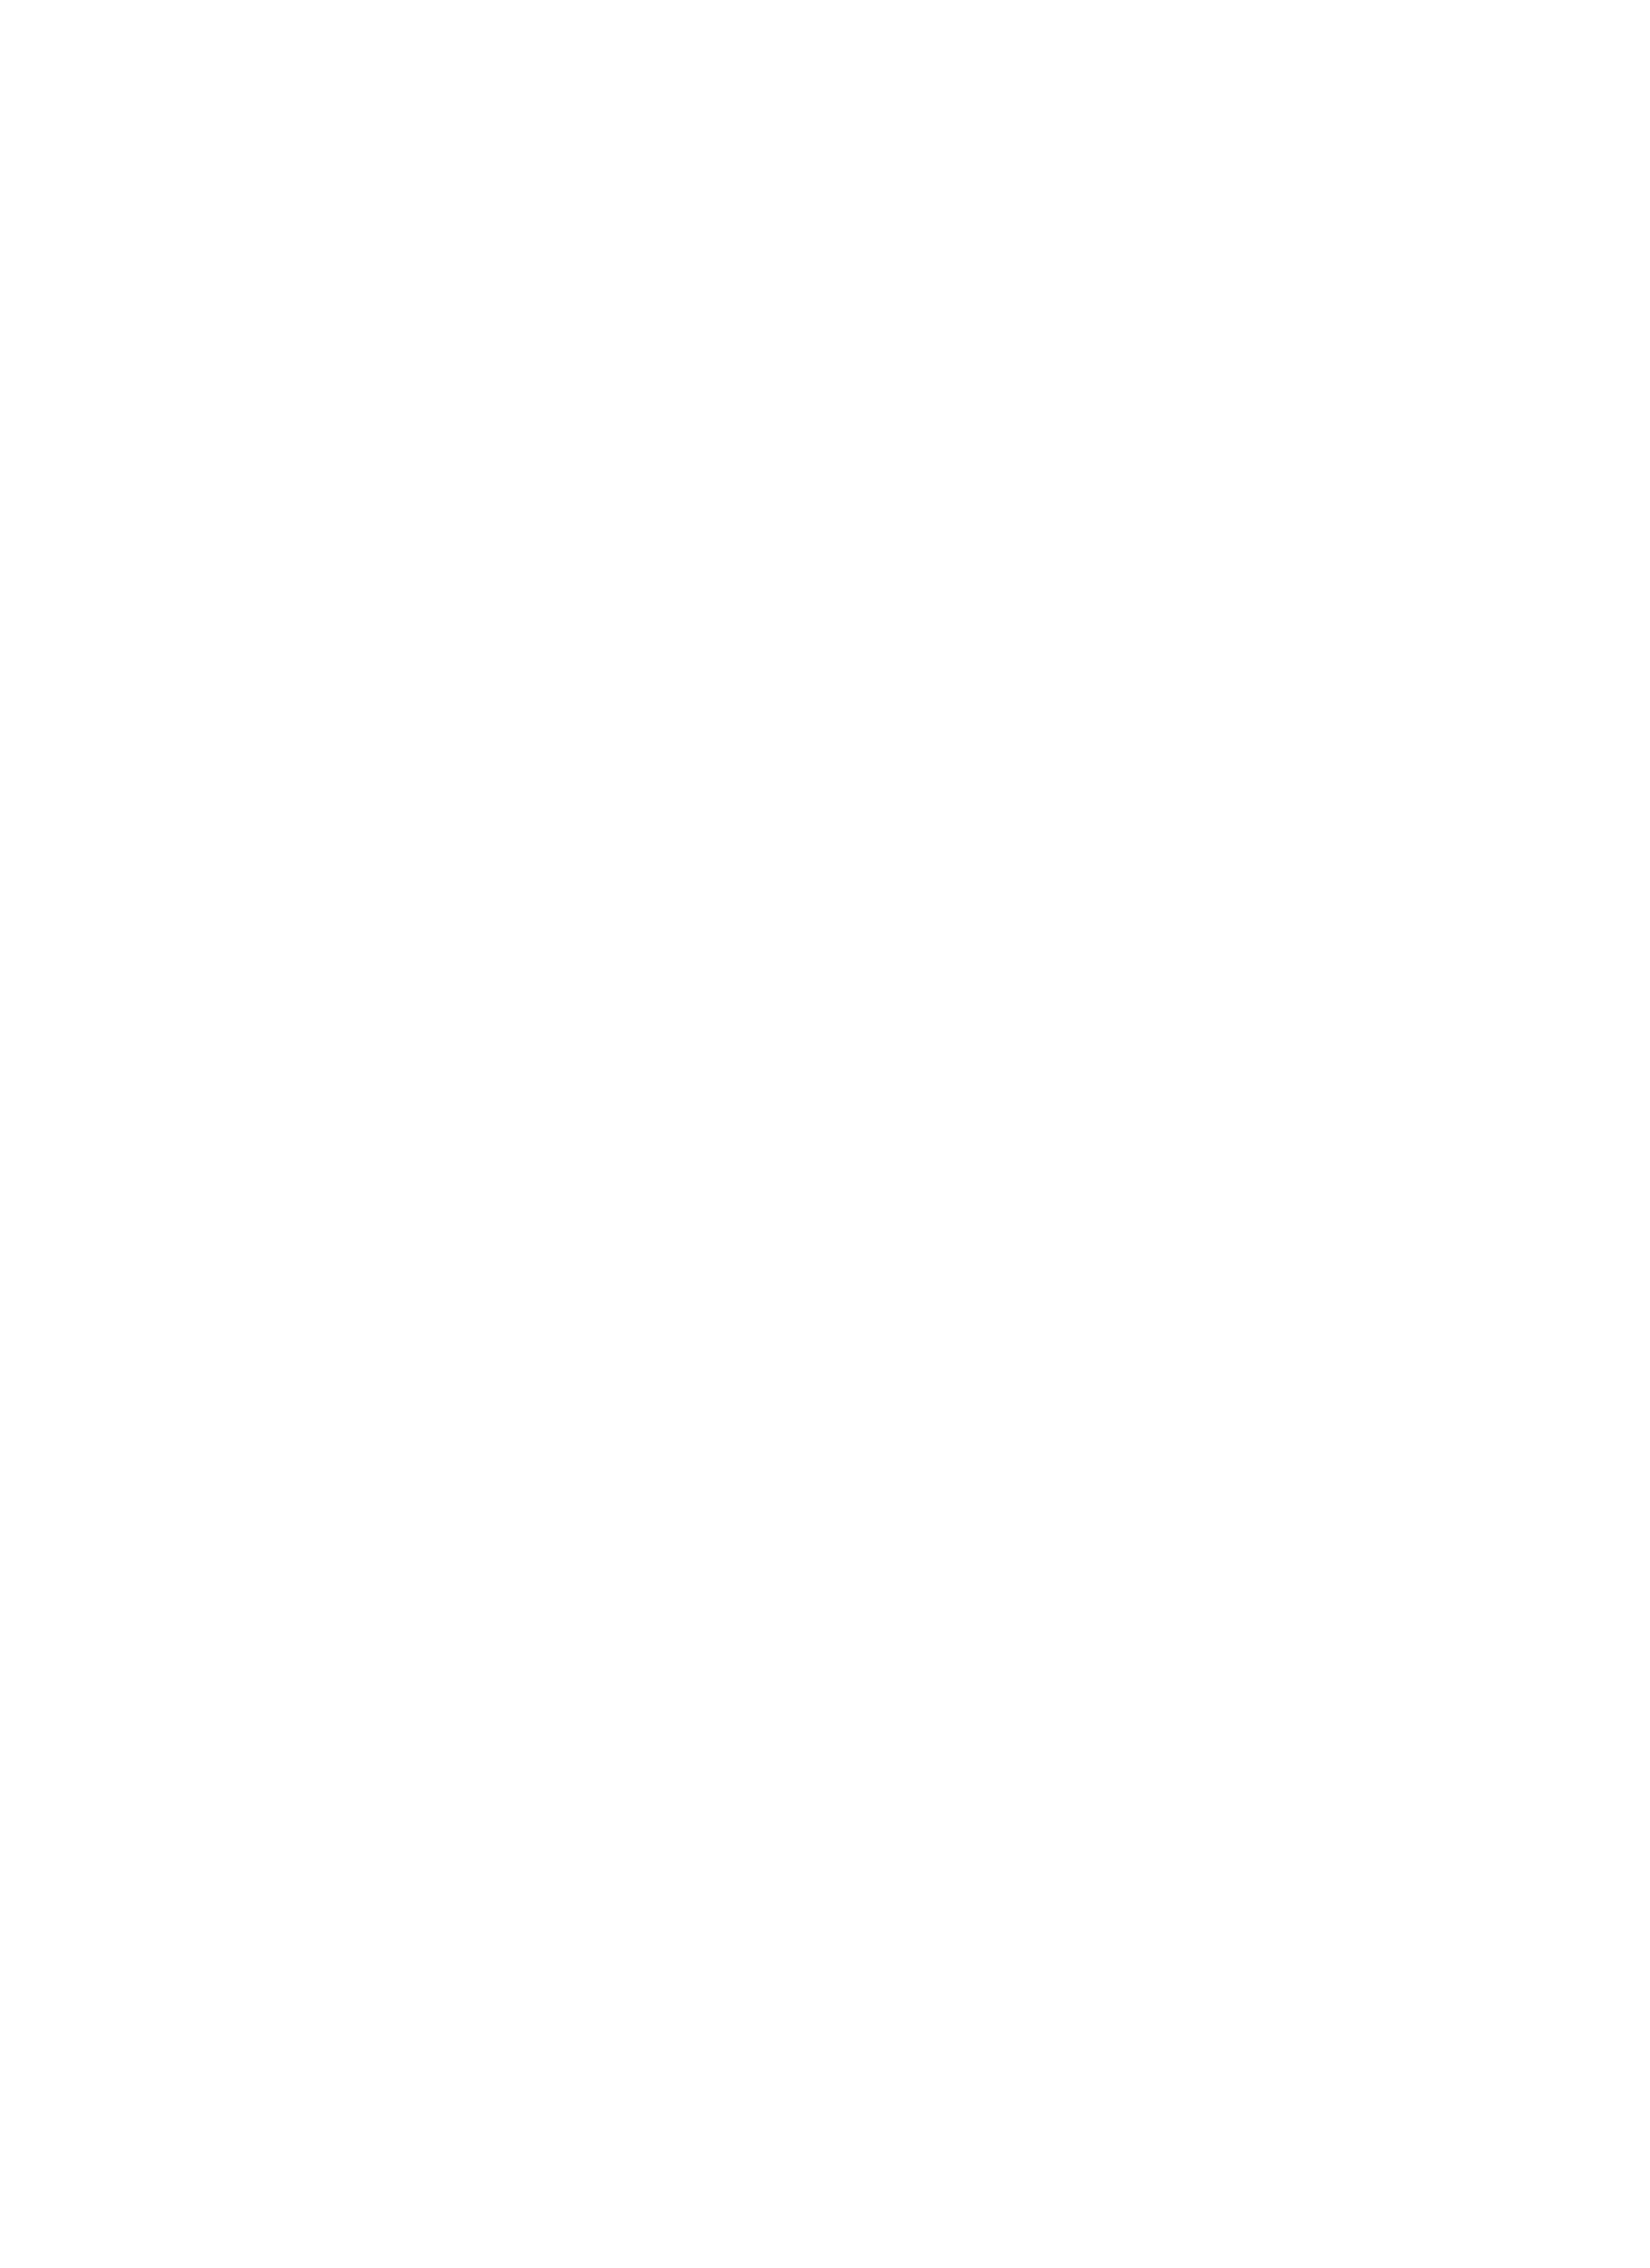 Expoalon